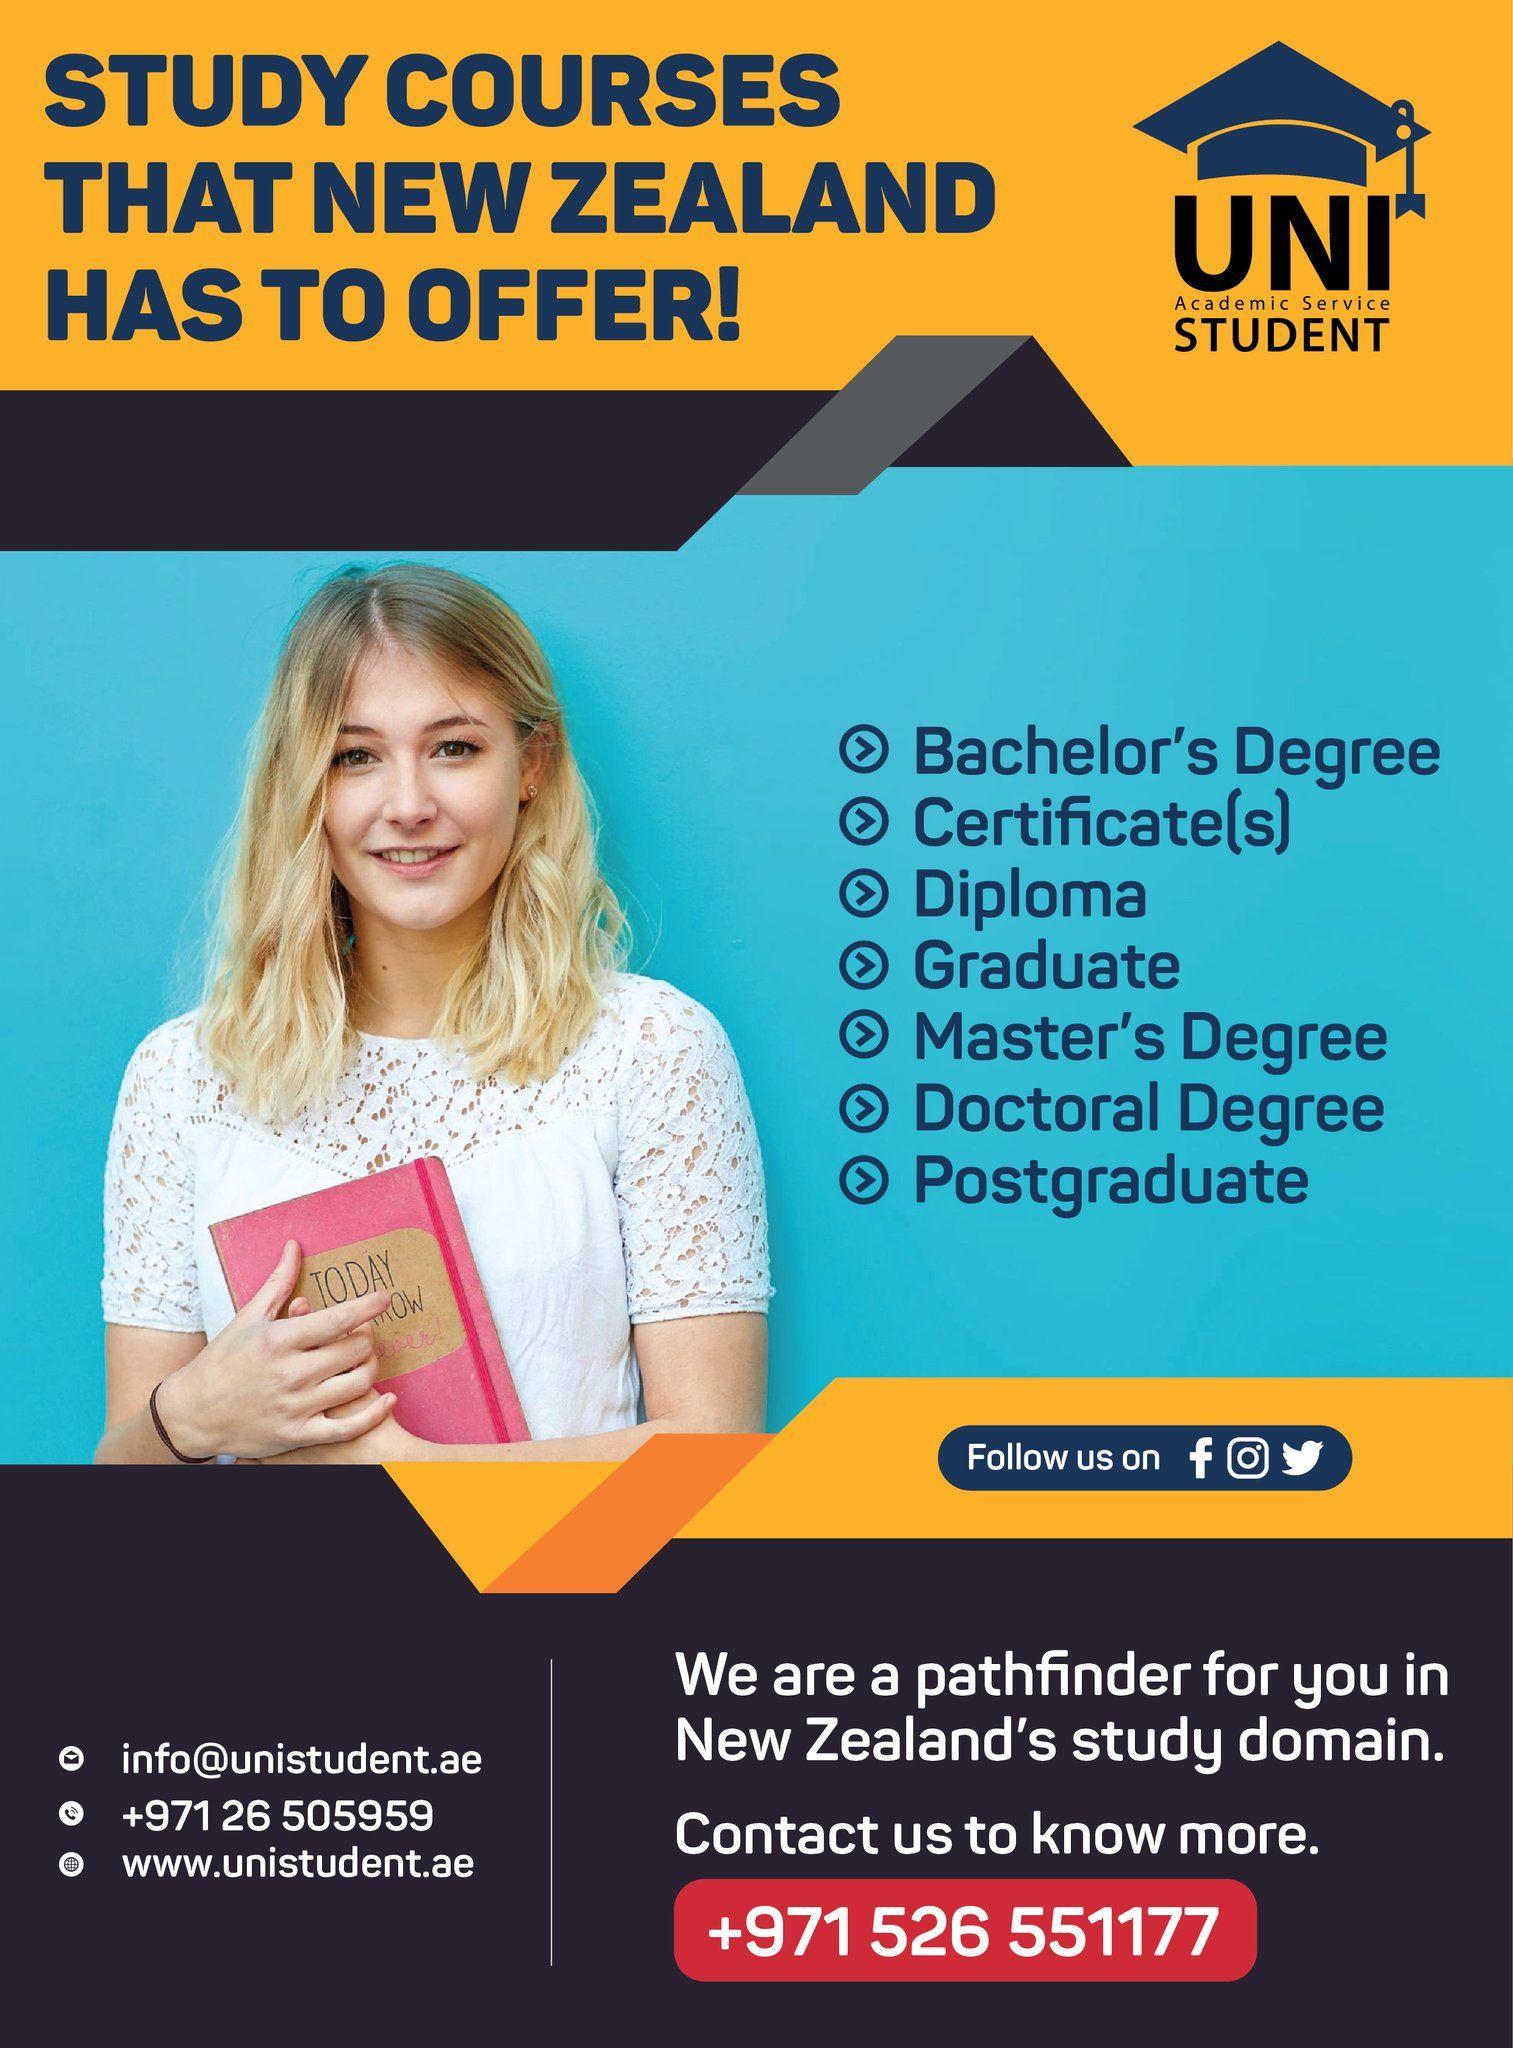 Study in Zewzealand Academic services, Overseas